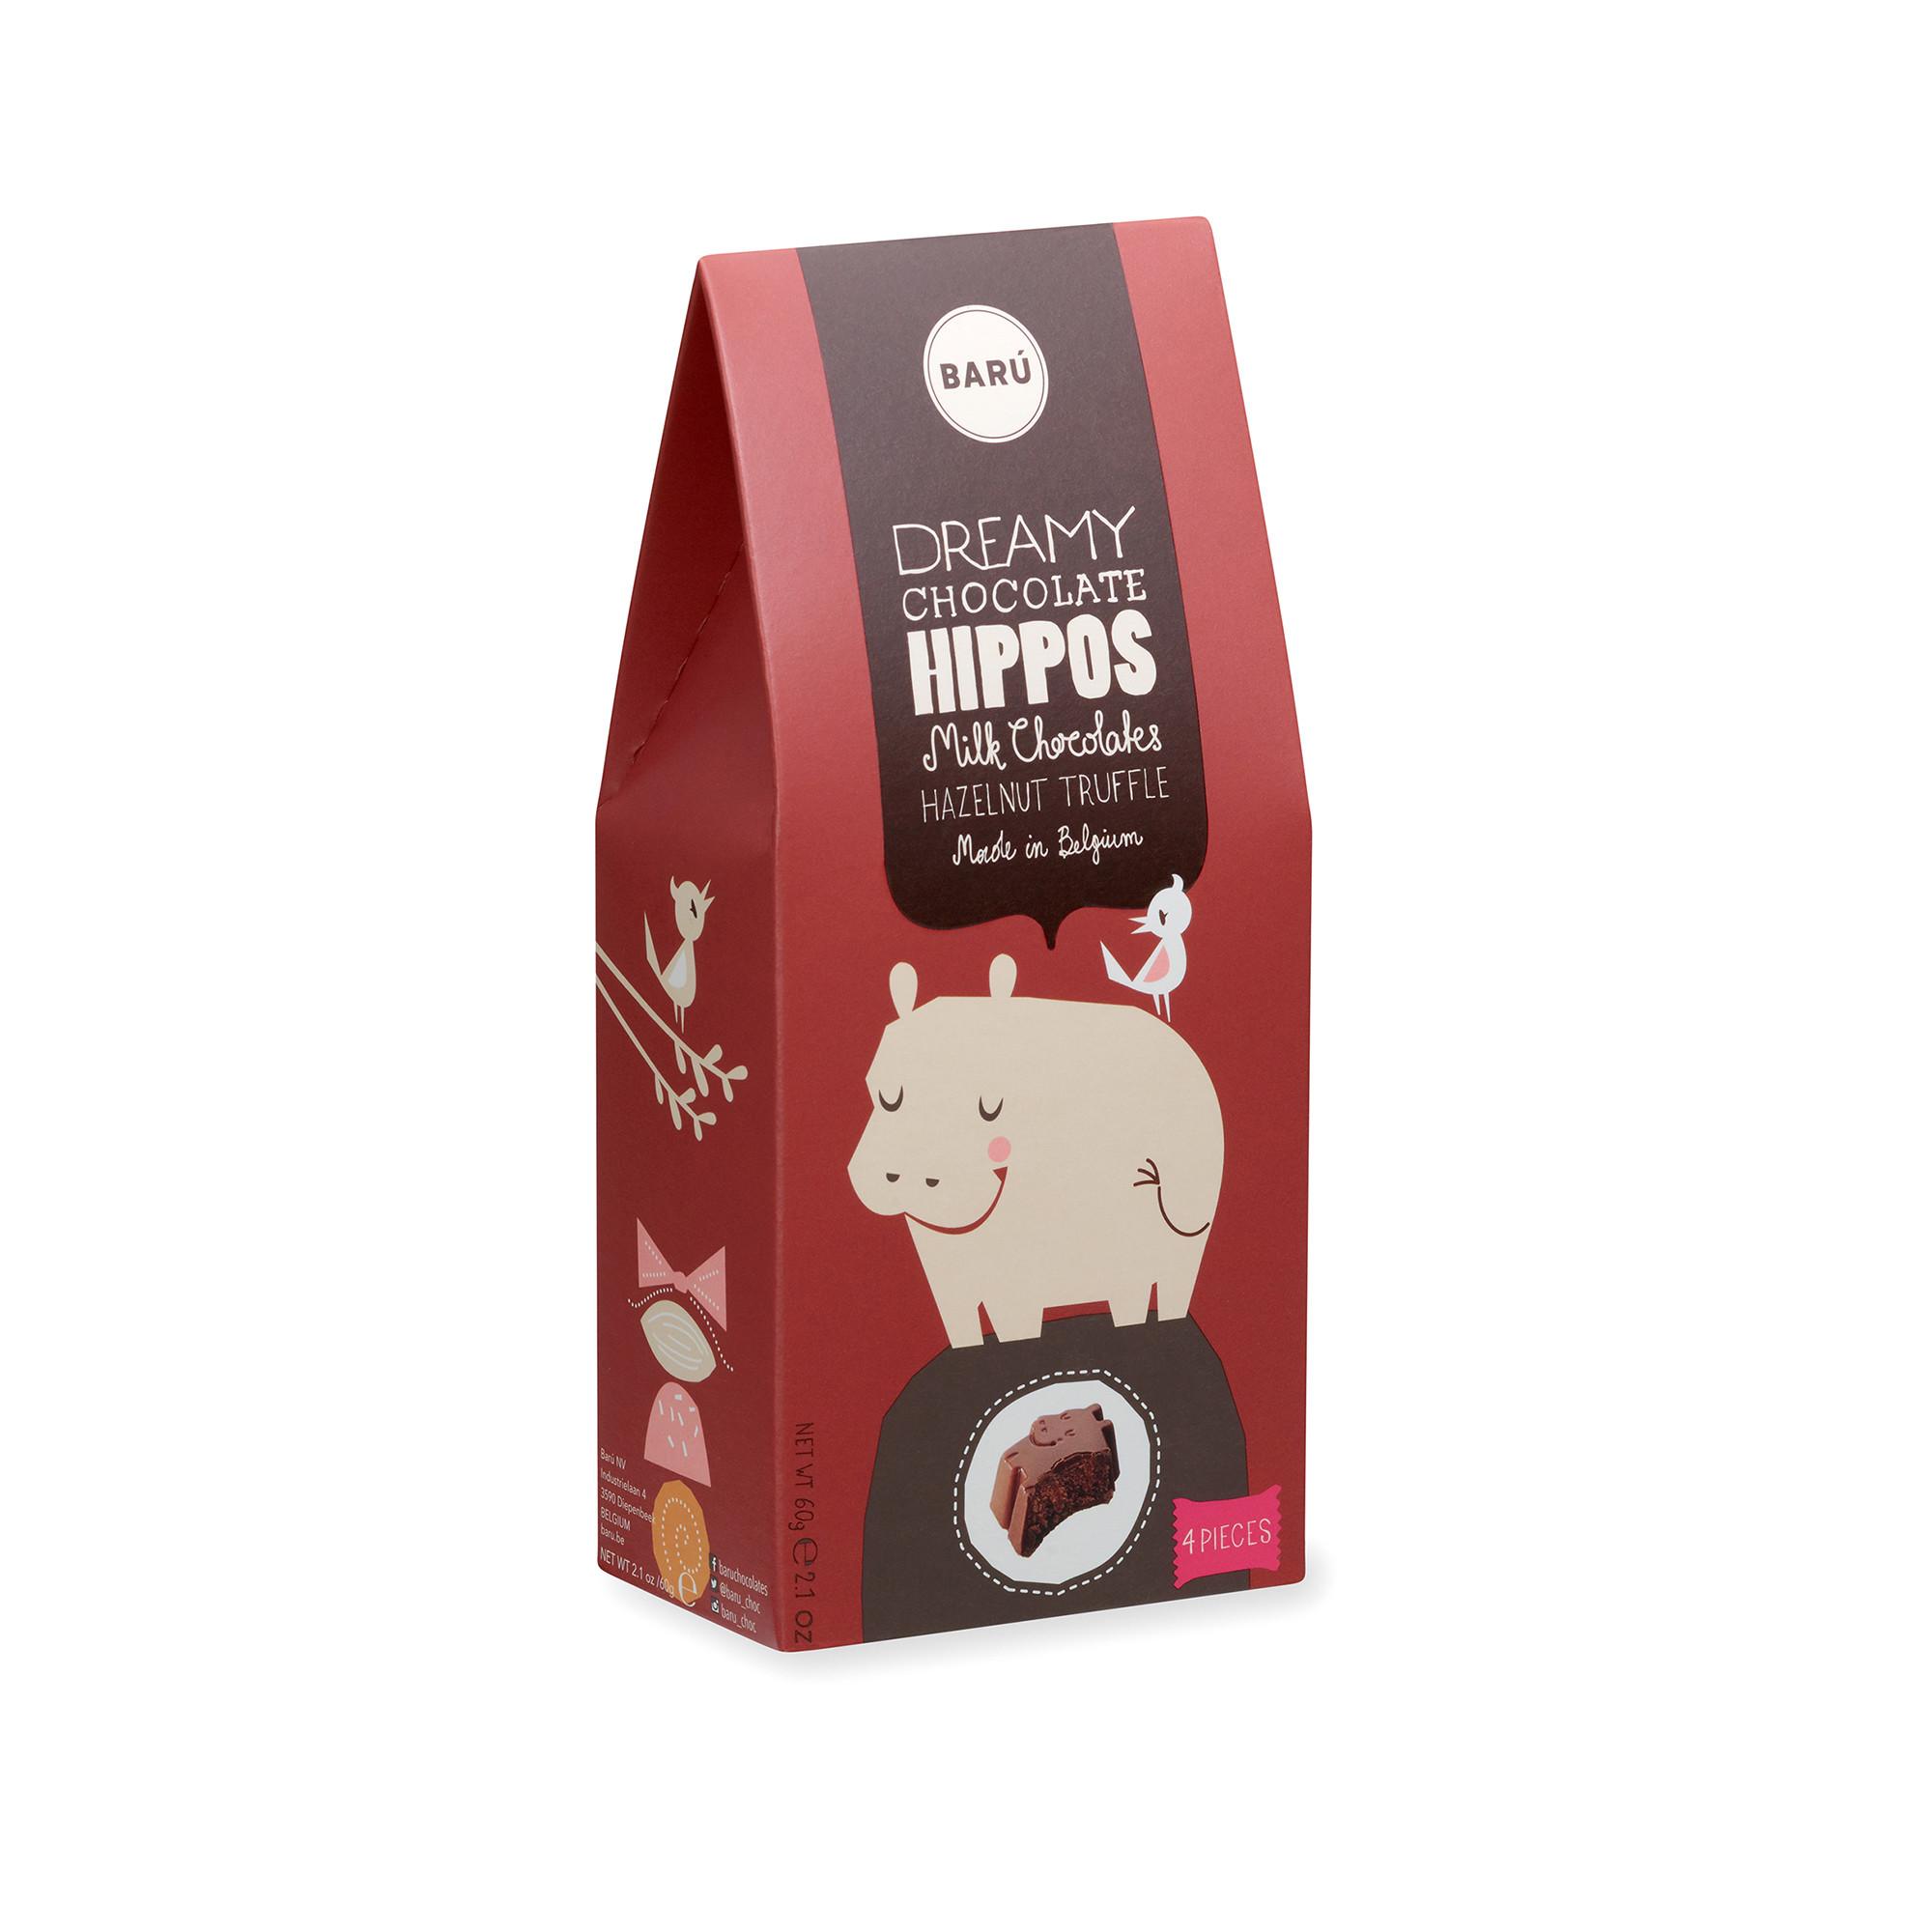 Image of Dreamy Hippos Milk Chocolate Hazelnut Truffle - 60 gram